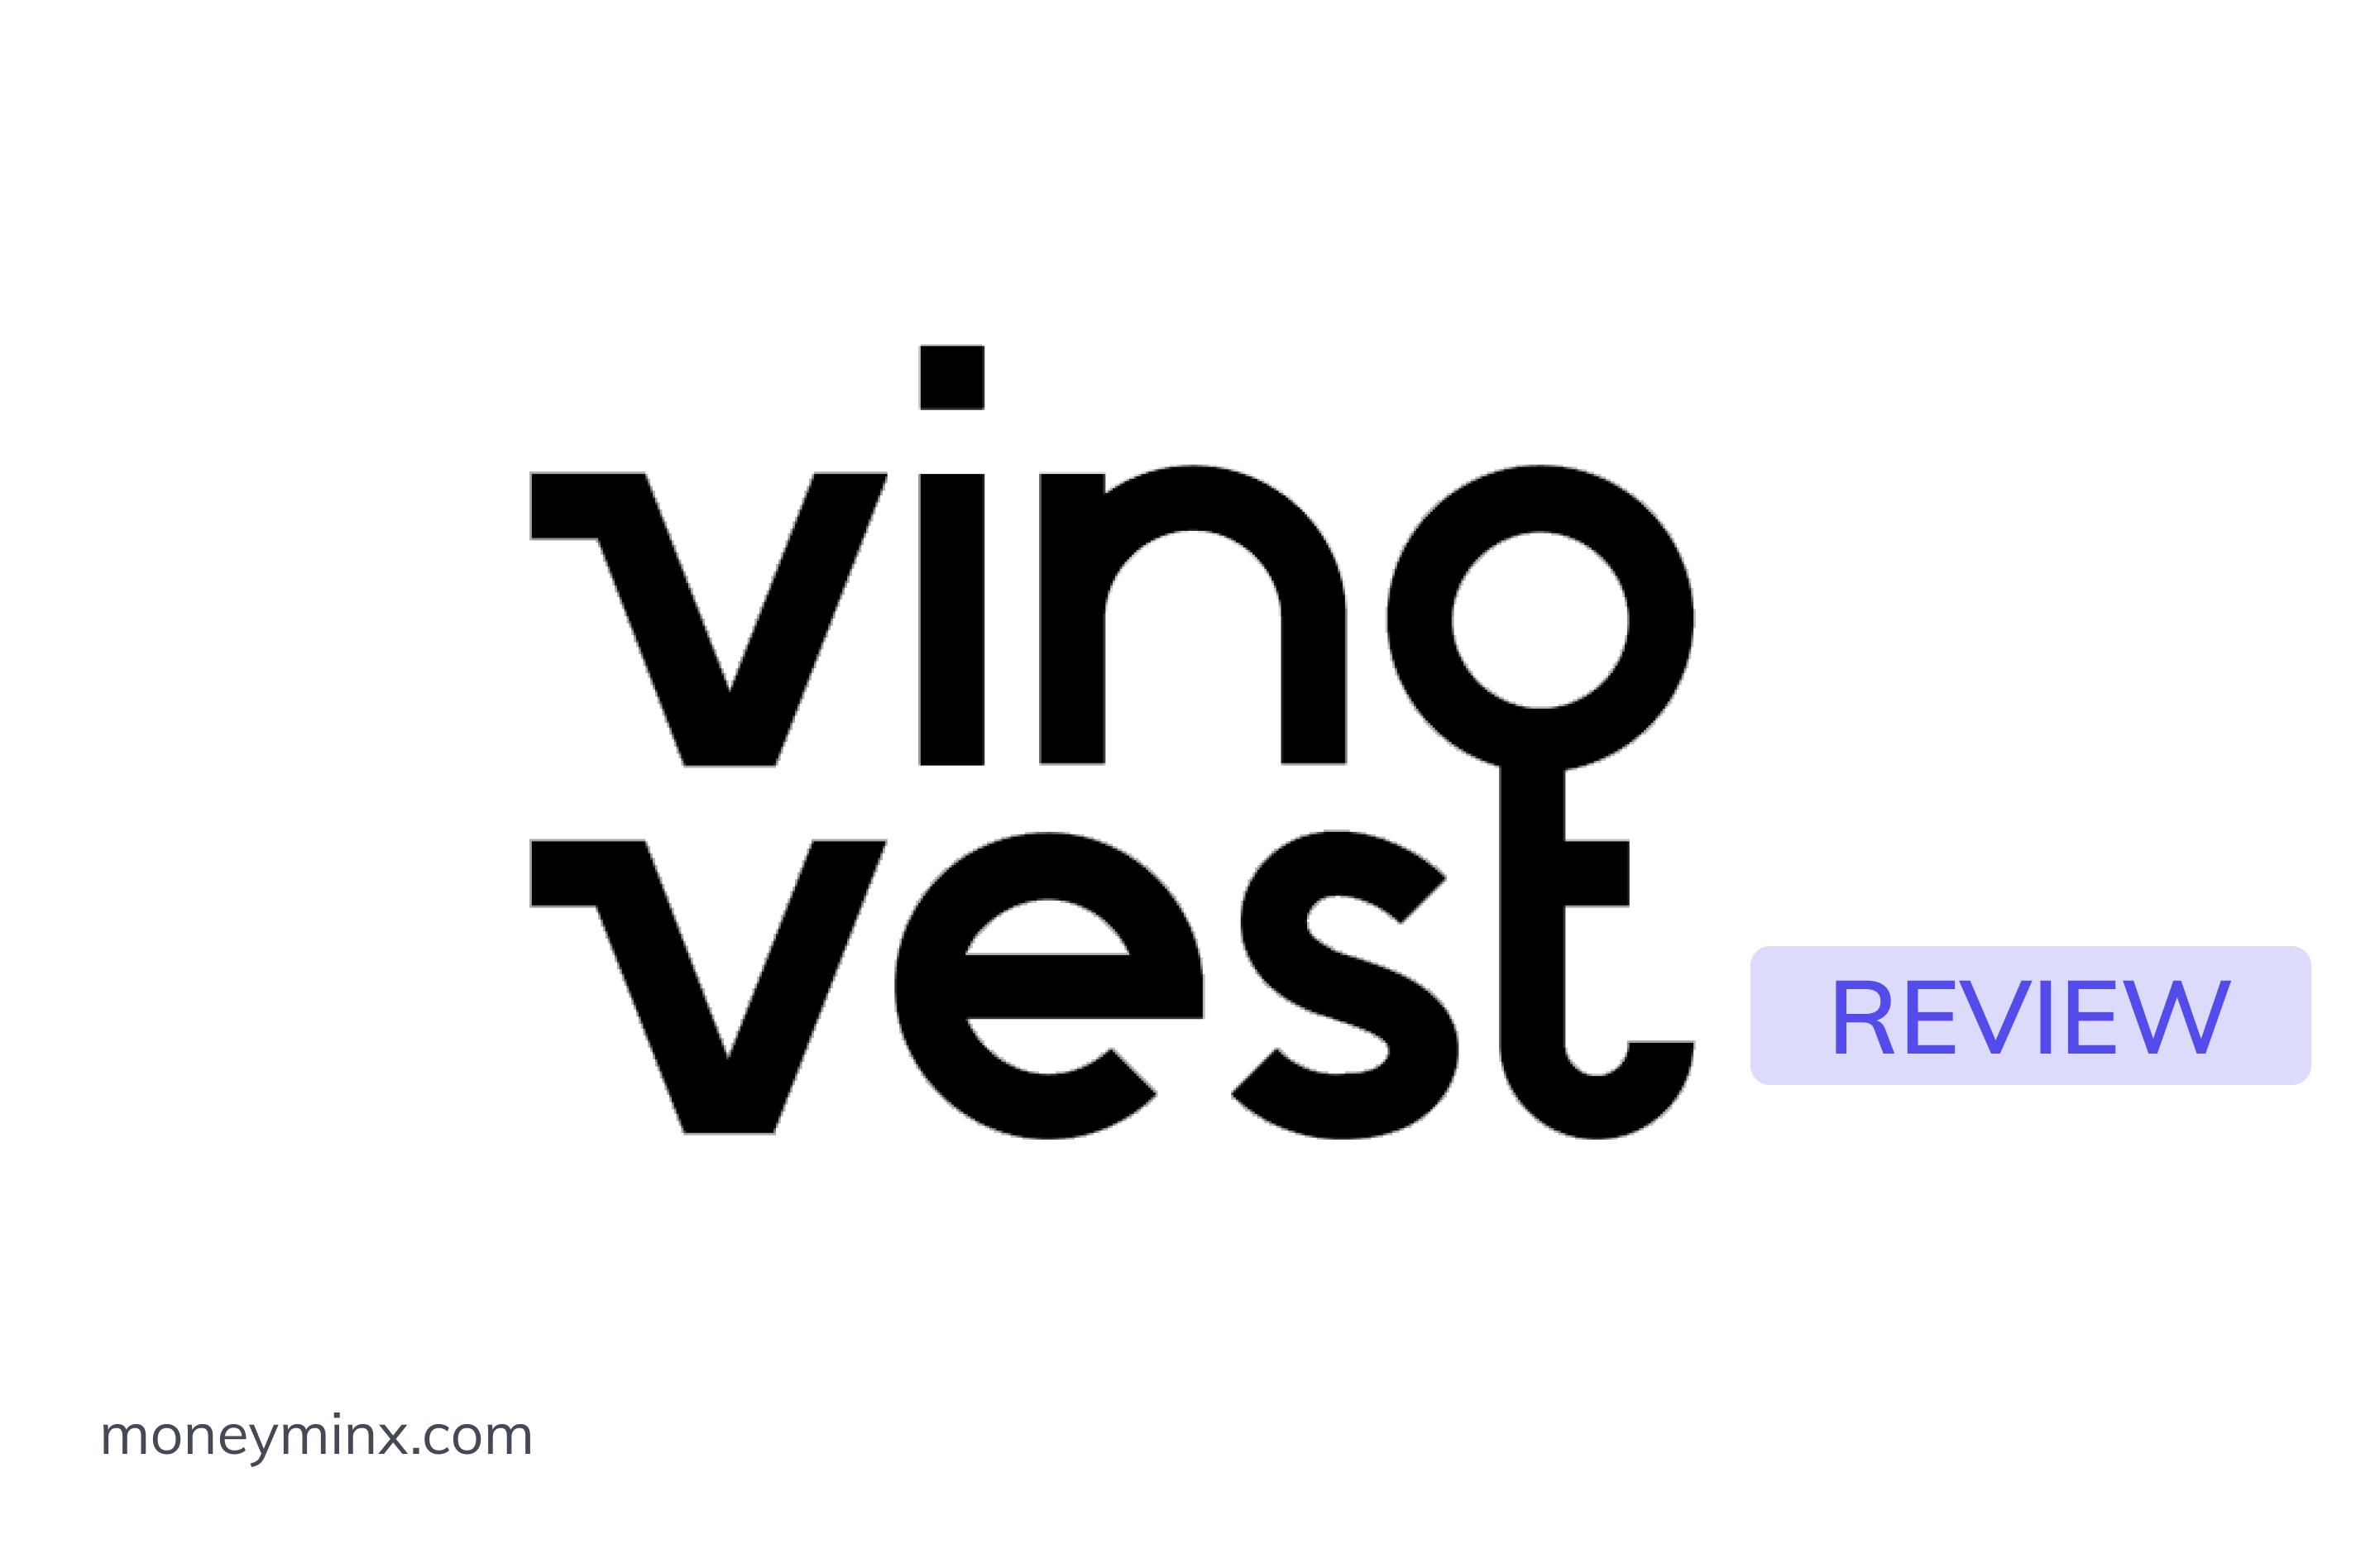 VinoVest Review